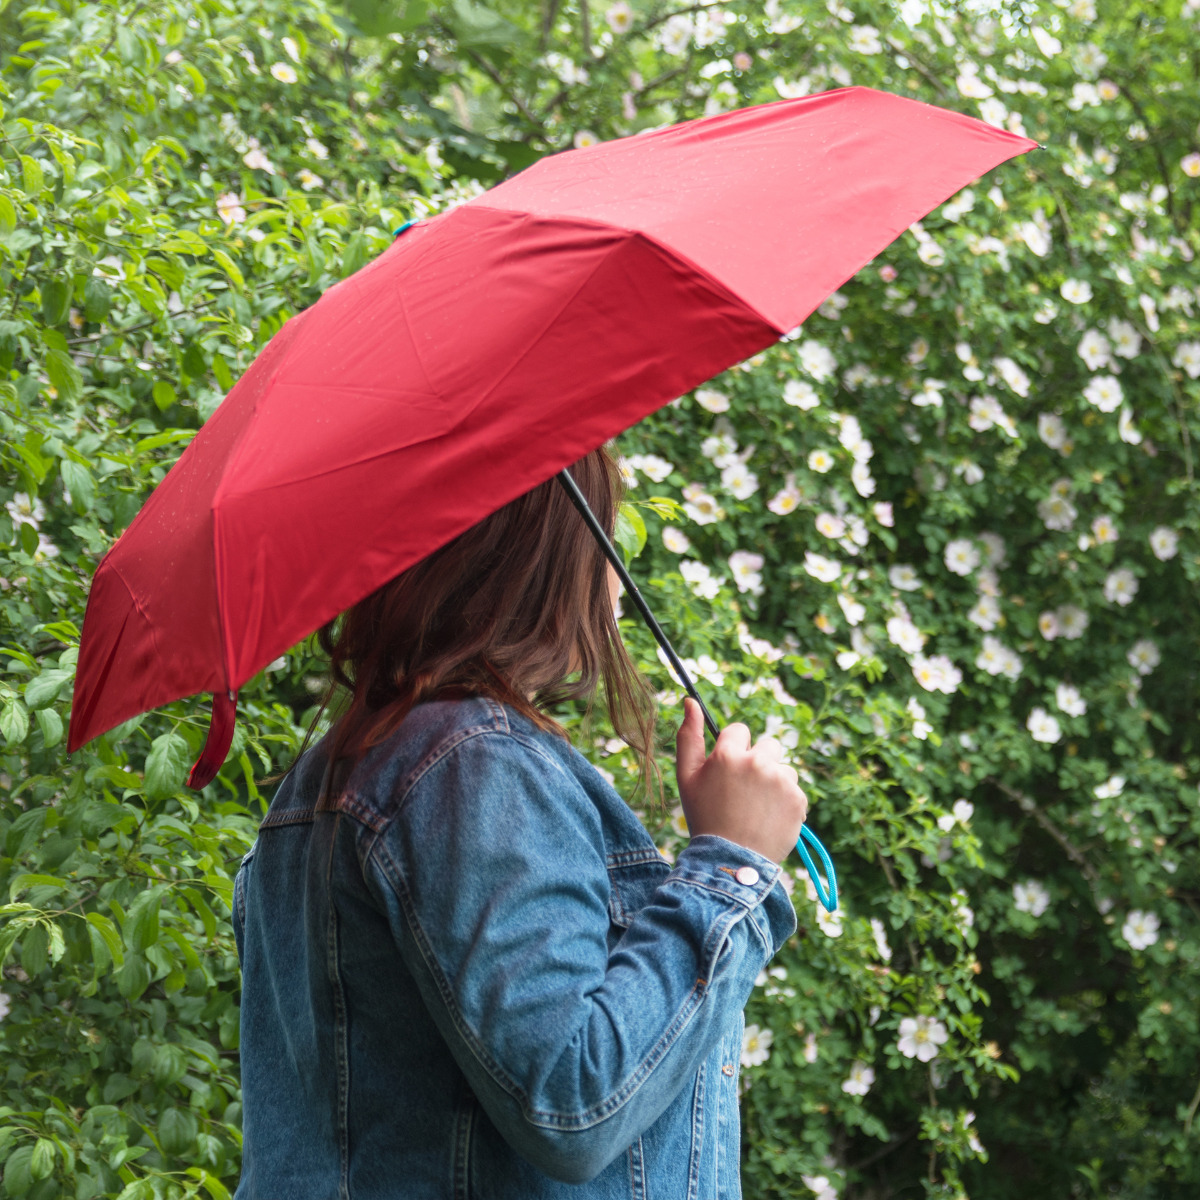 BG Berlin Aegis Umbrella Mini Ribbon Red Dáždnik by nám mal život uľahčovať, ale často je skôr na obtiaž.  - kompaktná veľkosť - nízka hmotnosť - rýchloschnúci materiál s teflonovým povrchom, ktorý predĺži jeho životnosť - ľahko sa skladá a rozkladá - praktické vodotesné puzdro